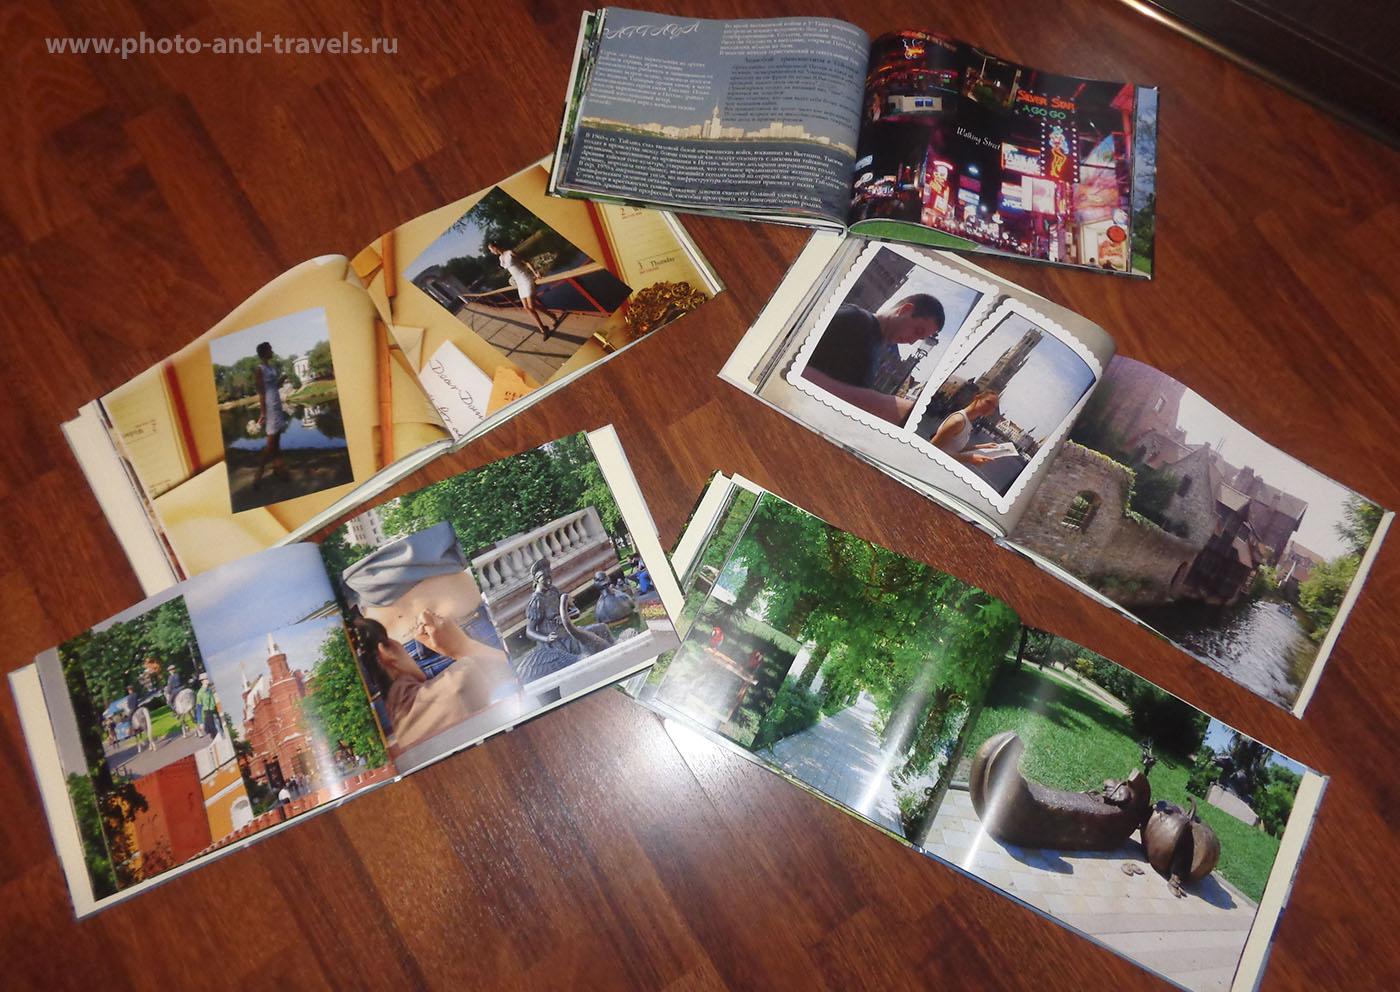 3. Образец фотокниги с демонстрацией результатов поездки в отпуск